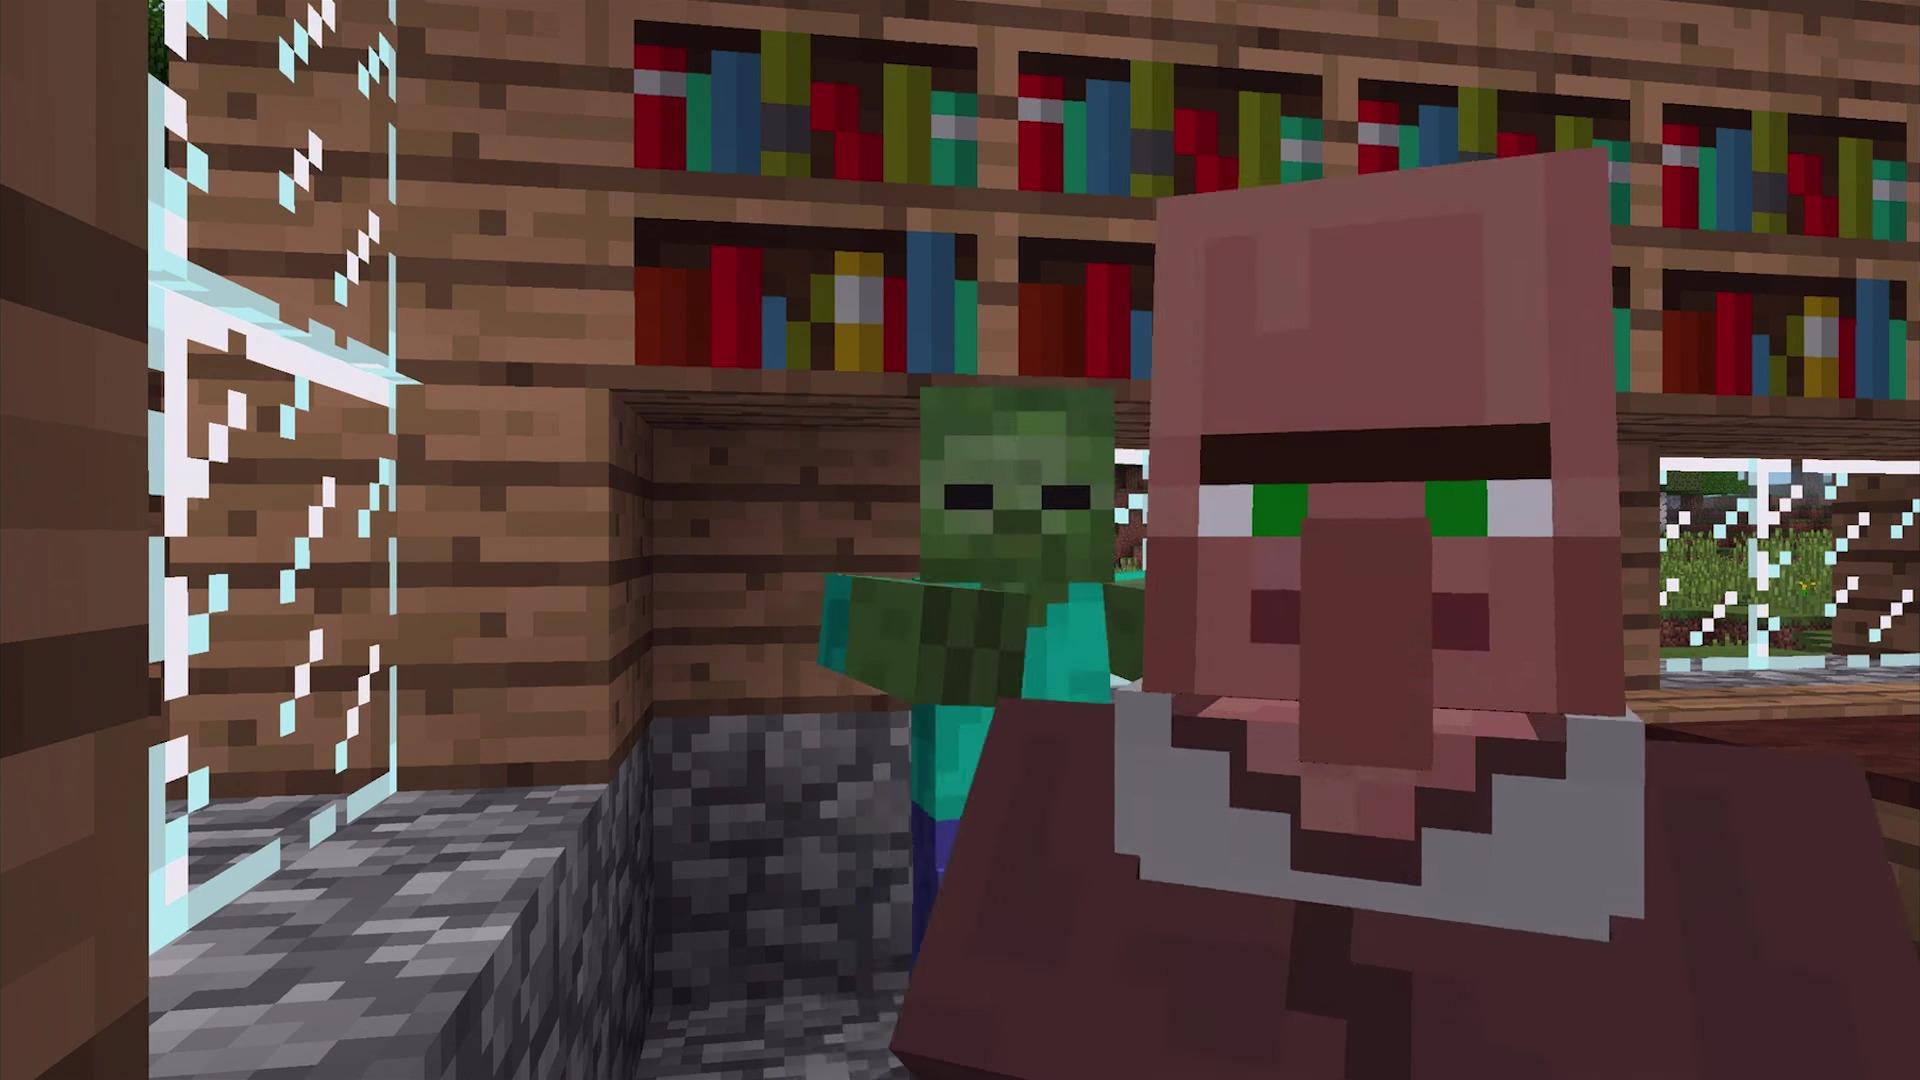 Minecraft Erste Plattform Seit Dem Microsoft Kauf Verliert